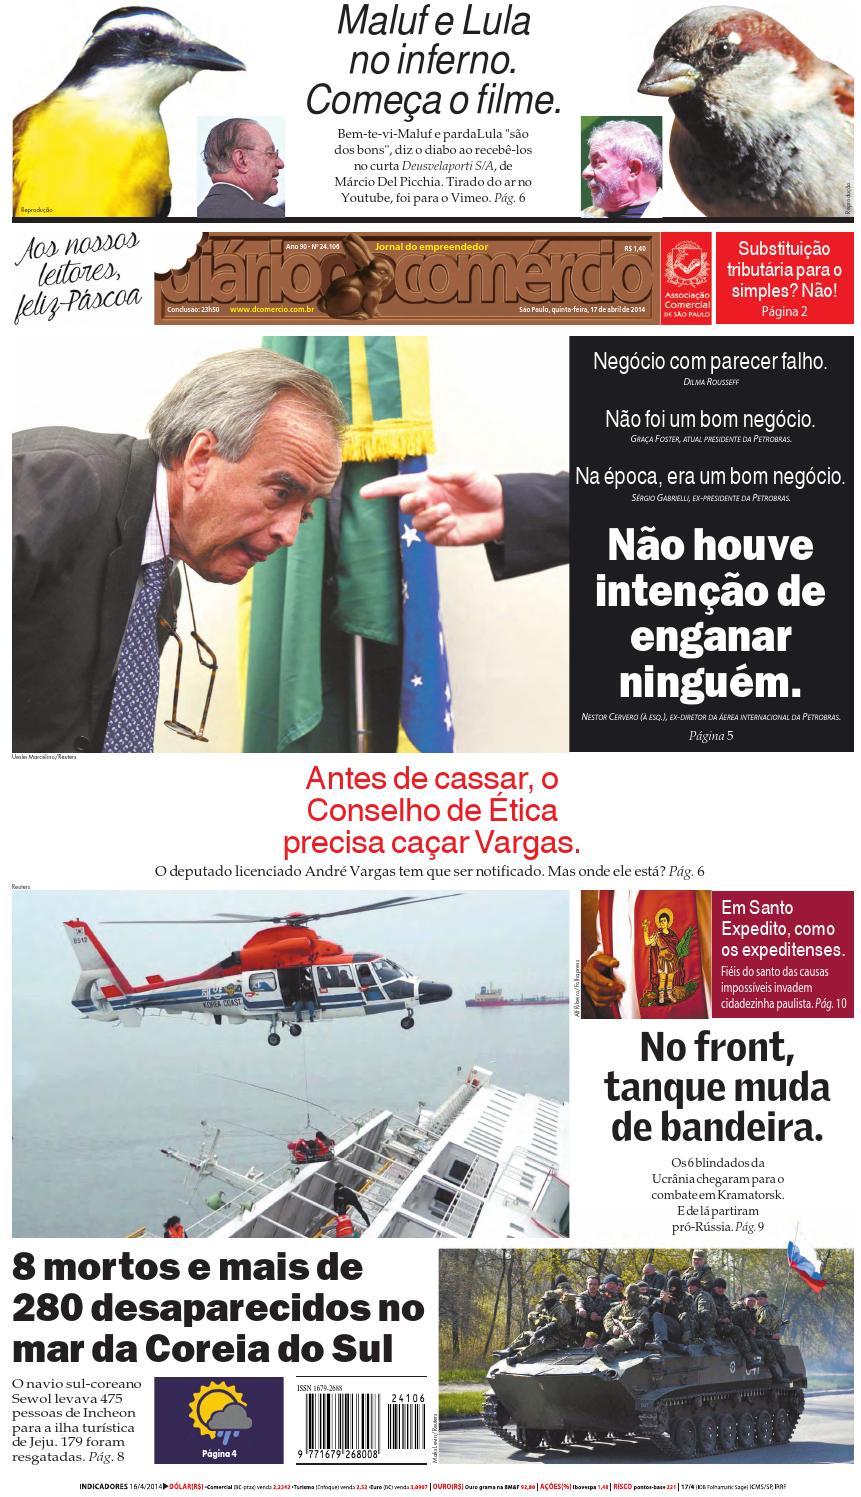 Diário do Comércio by Diário do Comércio - issuu 64673880e4